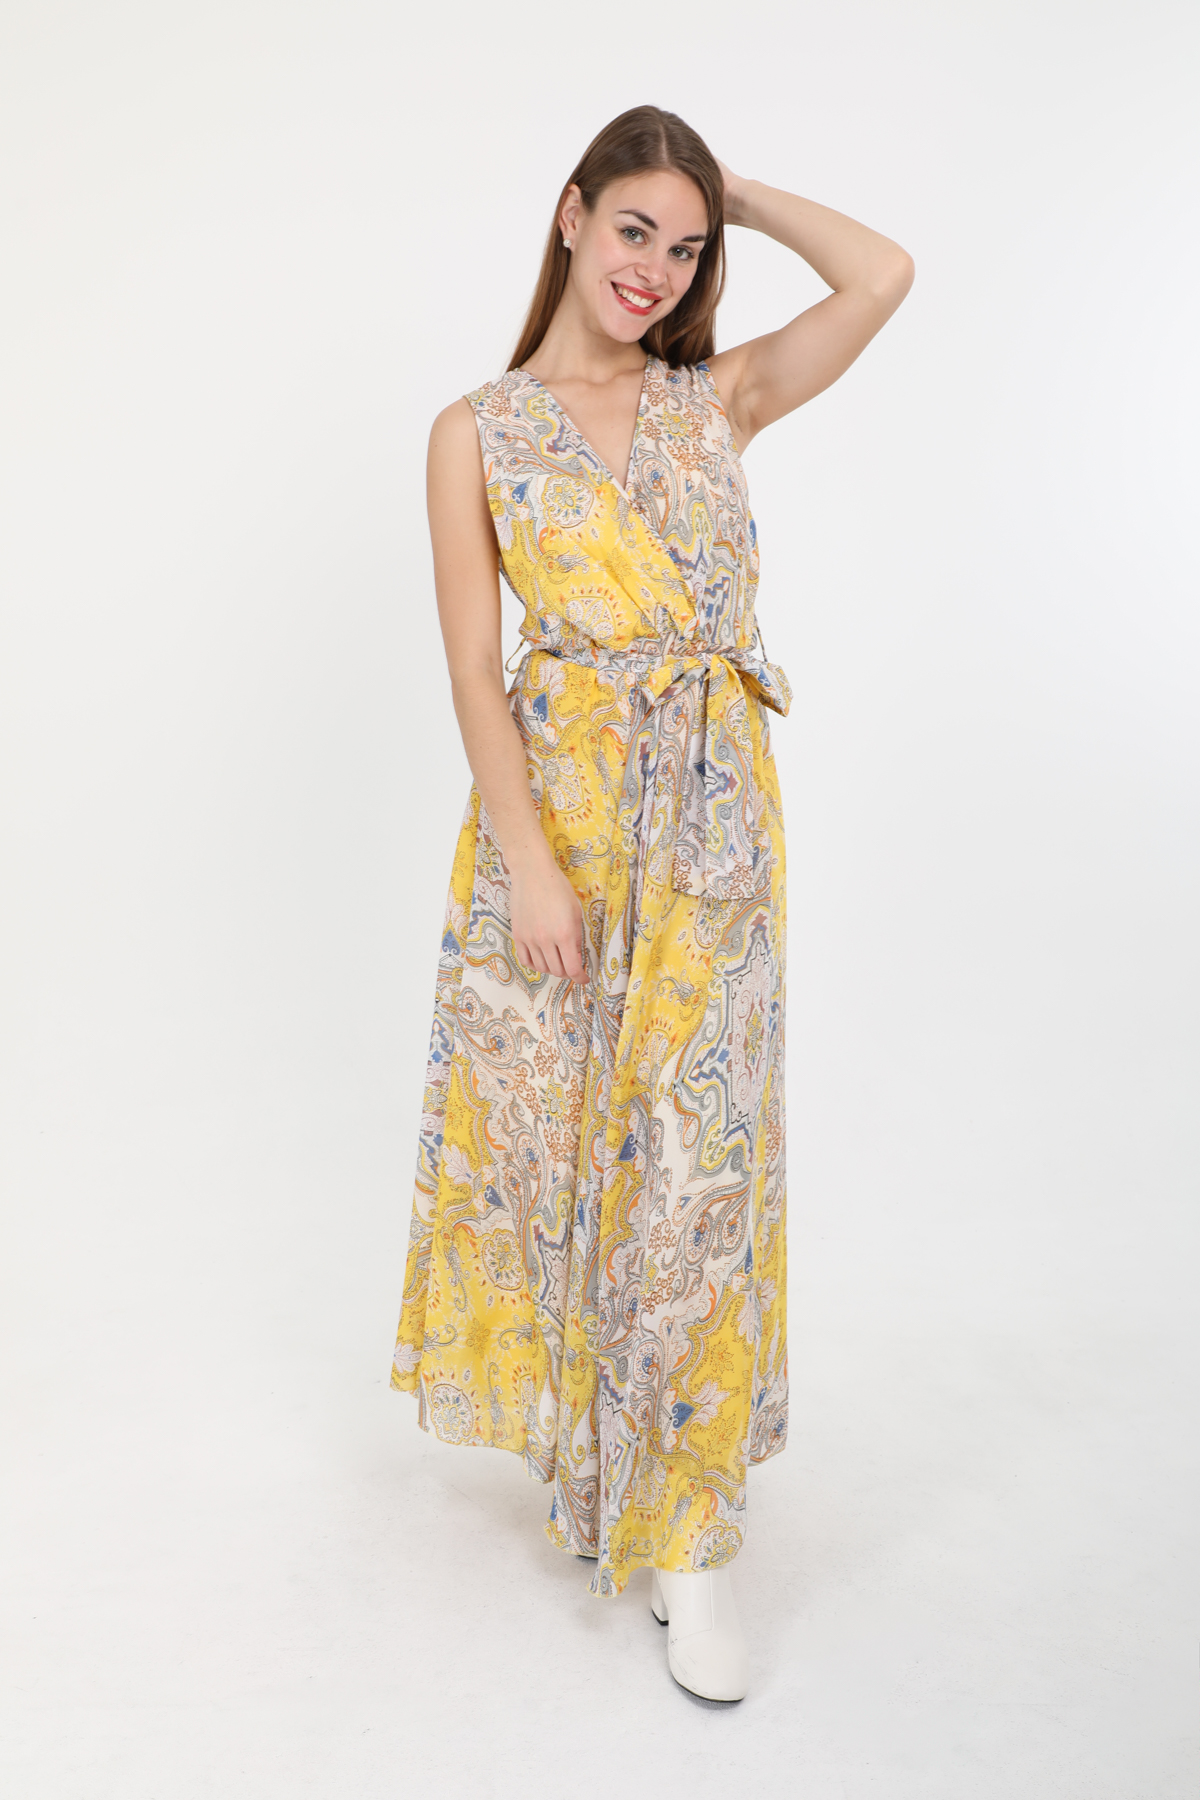 Robes longues Femme Couleurs mélangées LUSA 2432B #c eFashion Paris